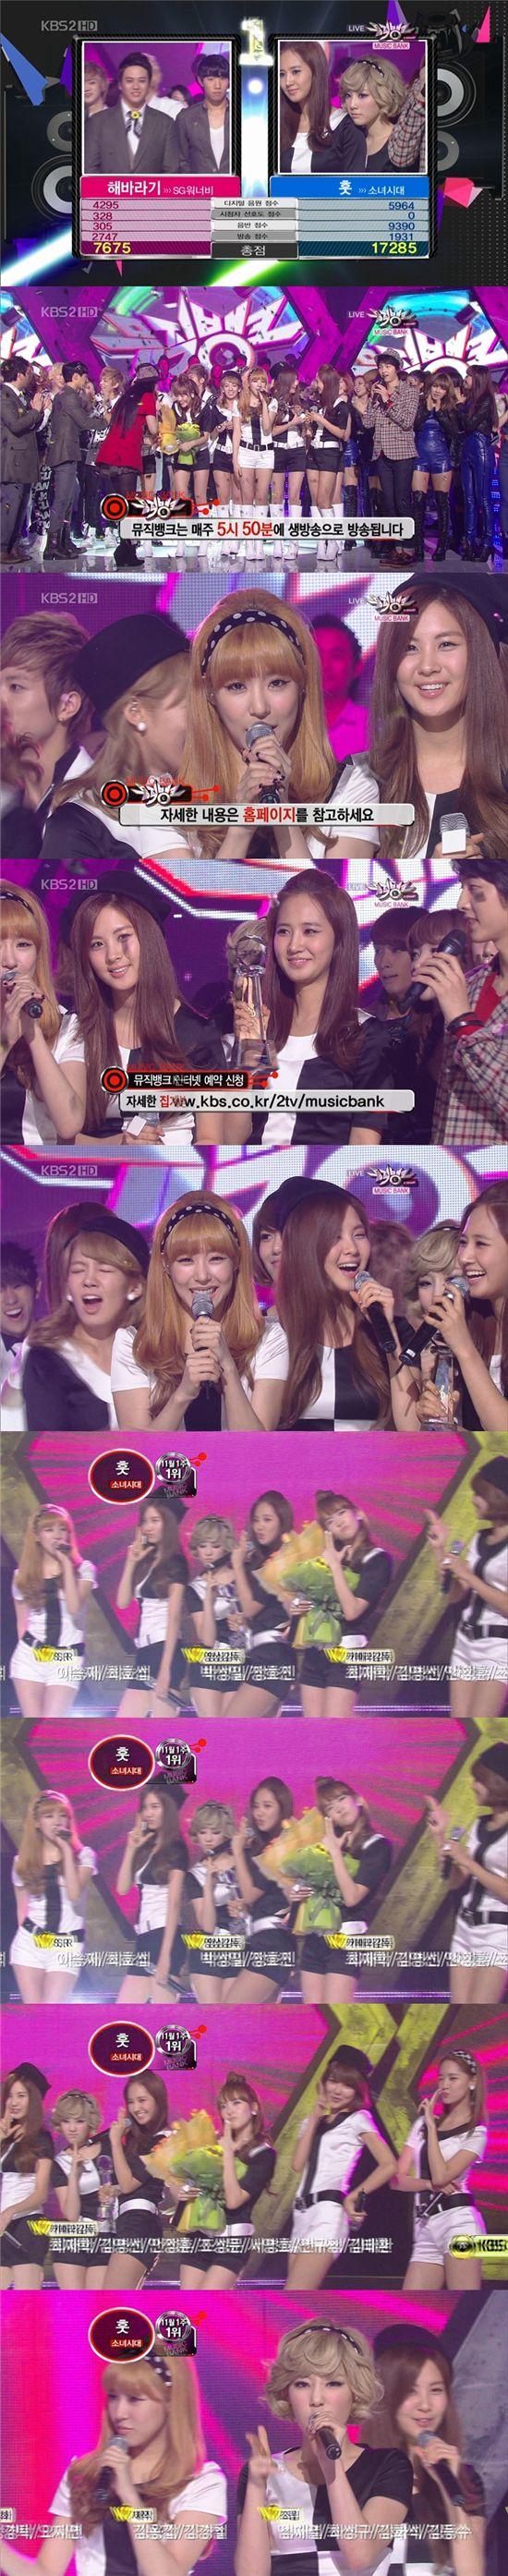 소녀시대, 국내 컴백 1주만에 공중파 1위··'가요계 장악'